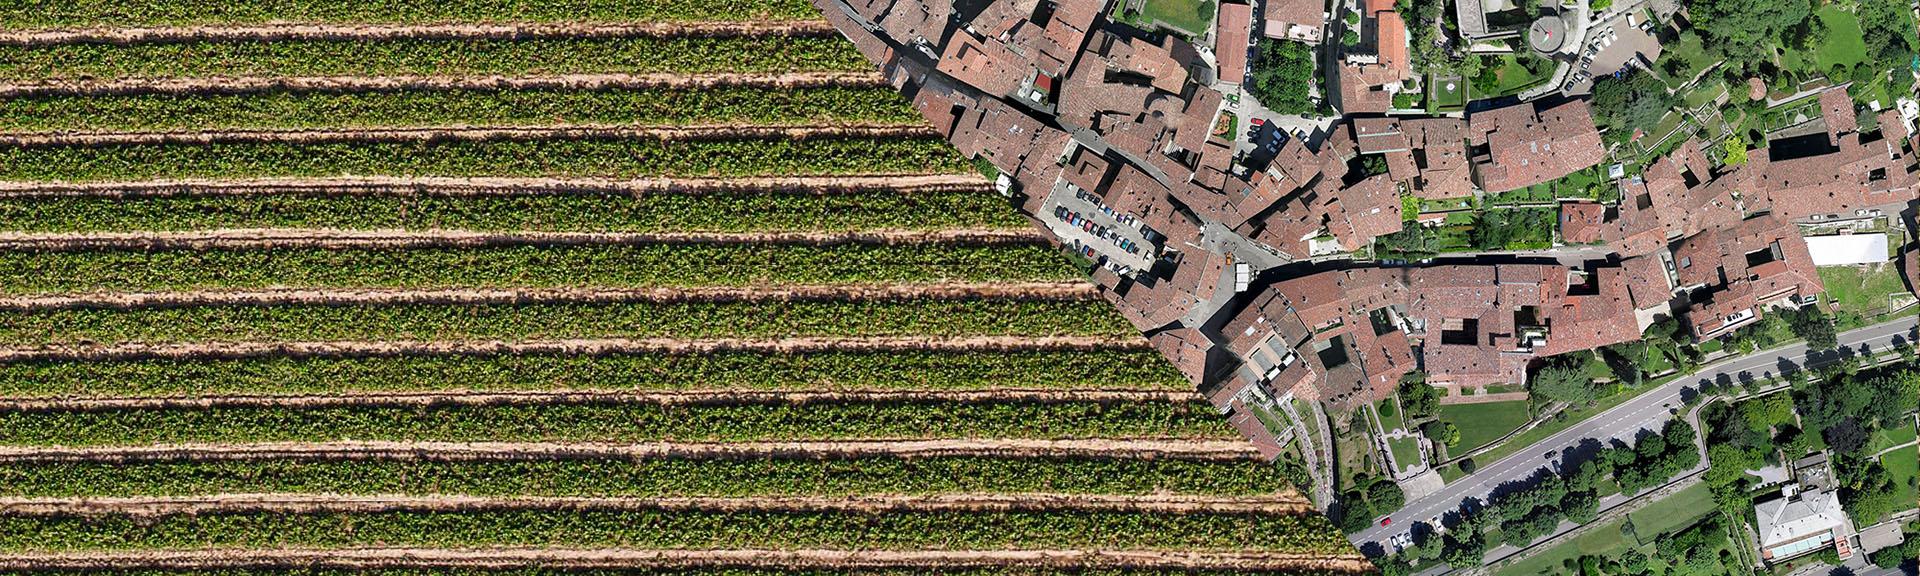 rilievi agricoli drone professionale droni